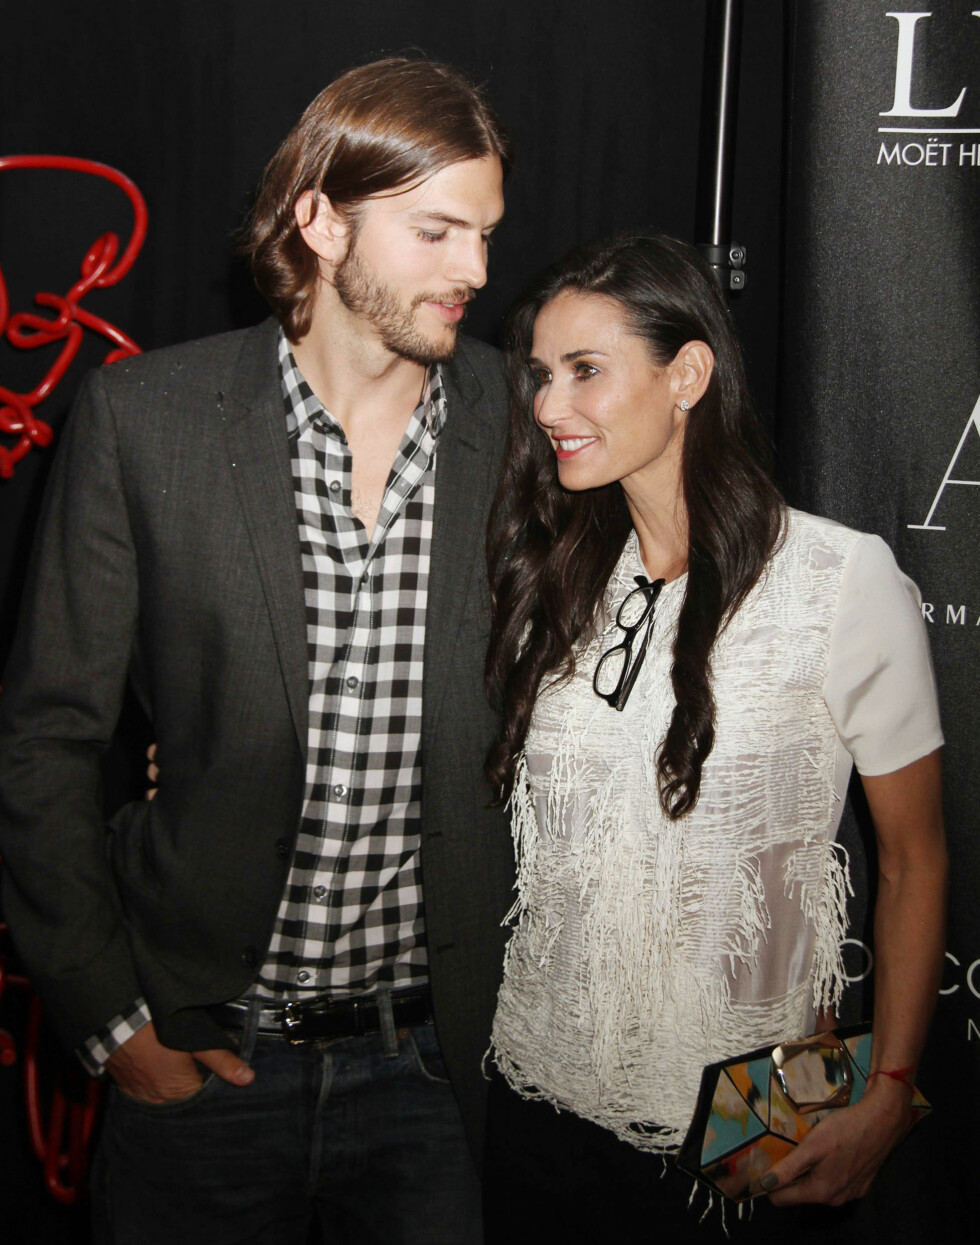 <strong>16 ÅRS FORSKJELL:</strong> Lykken brast for skuespillerparet Demi Moore (53) og Ashton Kutcher (37) i 2013. Da hadde de vært gift siden 2005. I dag er han lykkelig gift med sin tidligere TV-kollega Mila Kunis (32), som han har datteren Wyatt Isabelle (1) med. Foto: NTB Scanpix